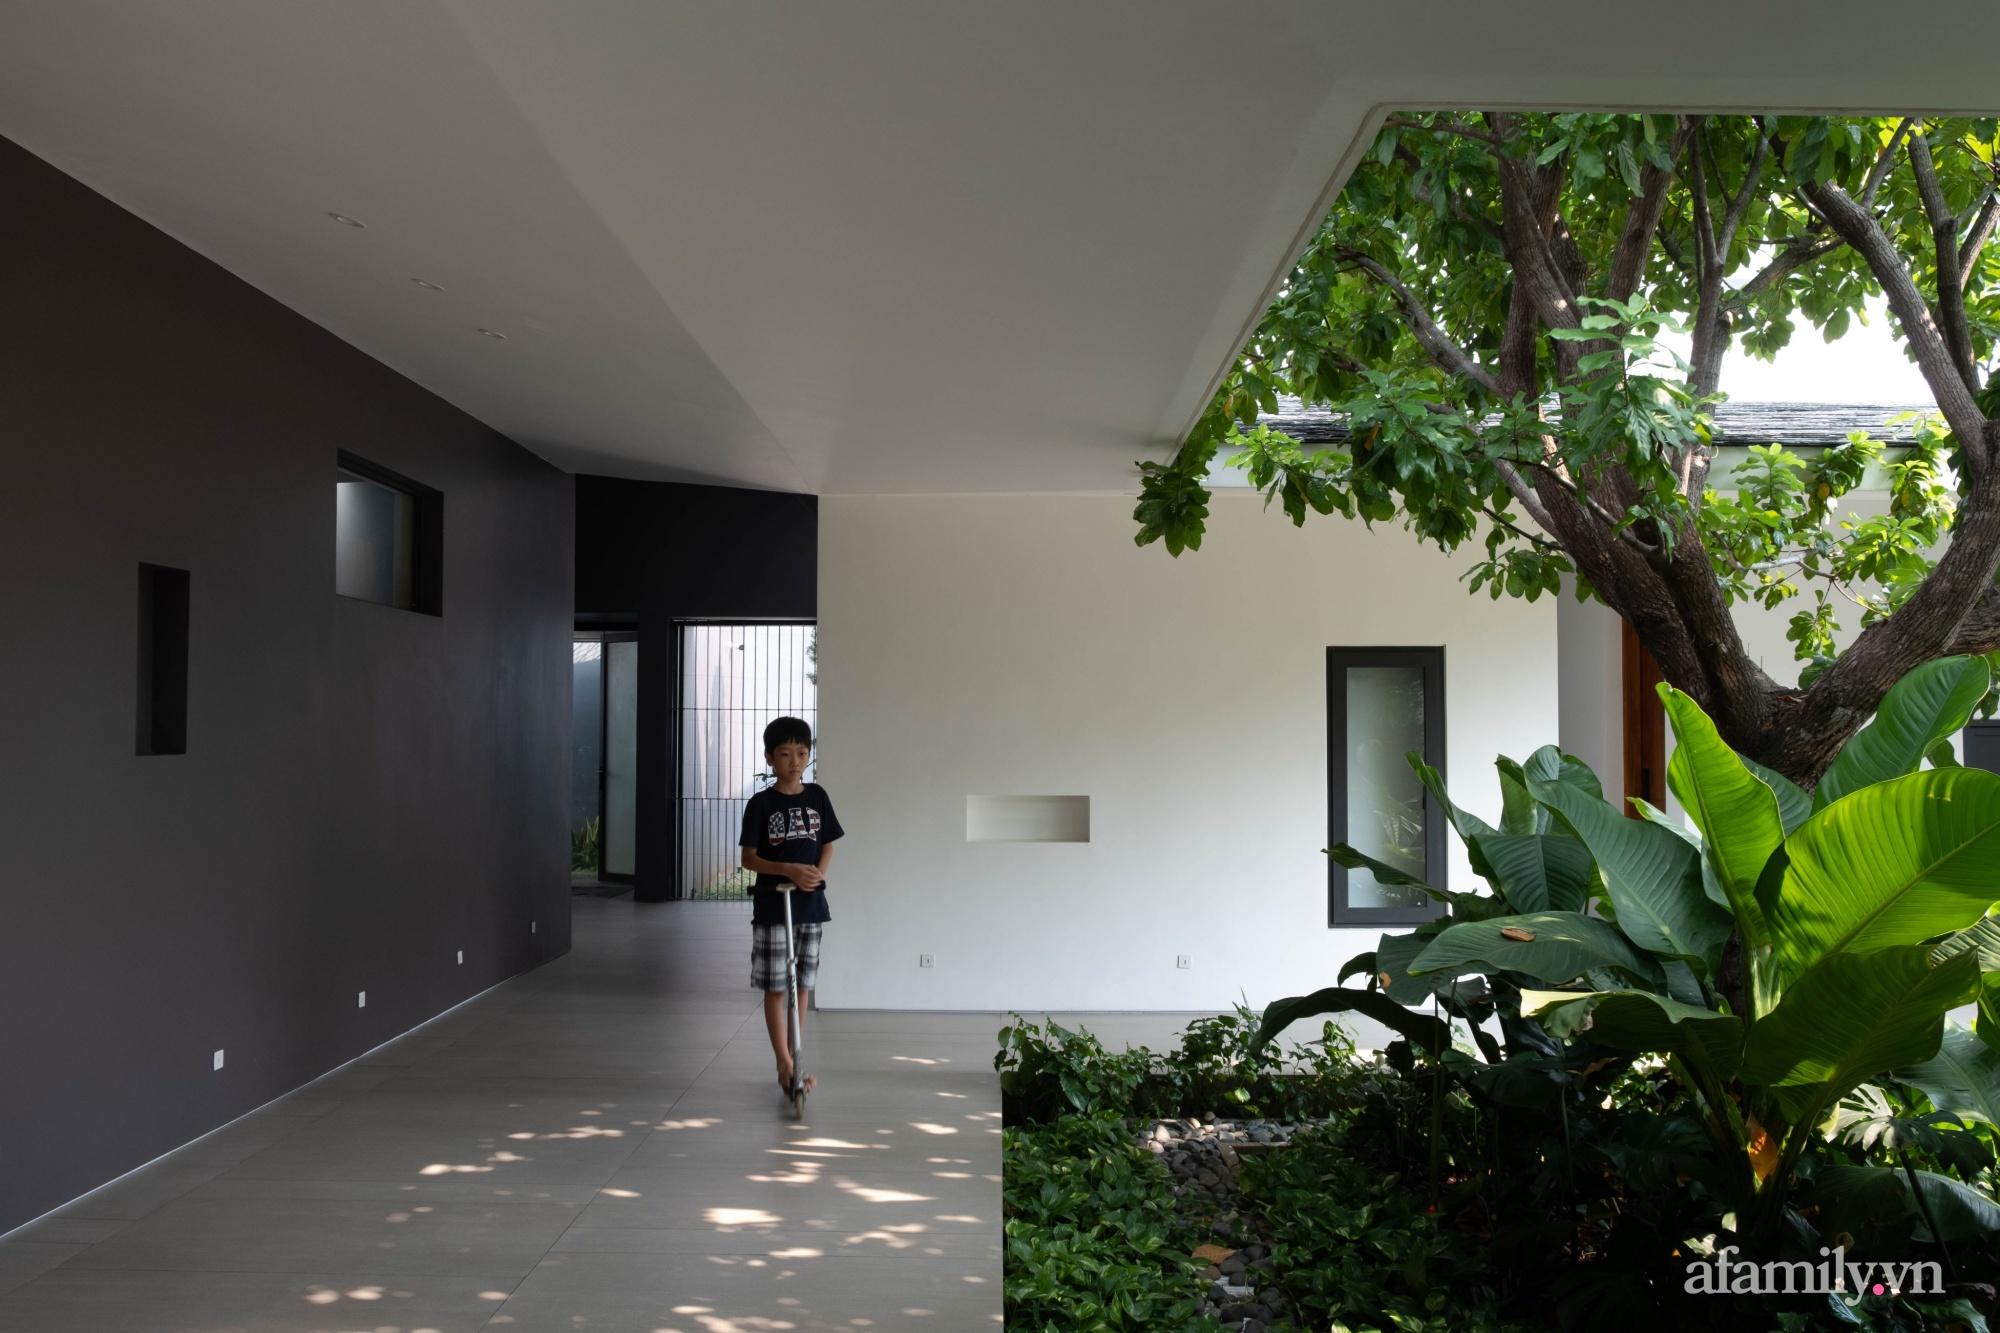 Ngôi nhà rợp mát bóng cây ở ngoại ô Sài Gòn tạo sự gắn kết cho gia đình 3 thế hệ - Ảnh 16.